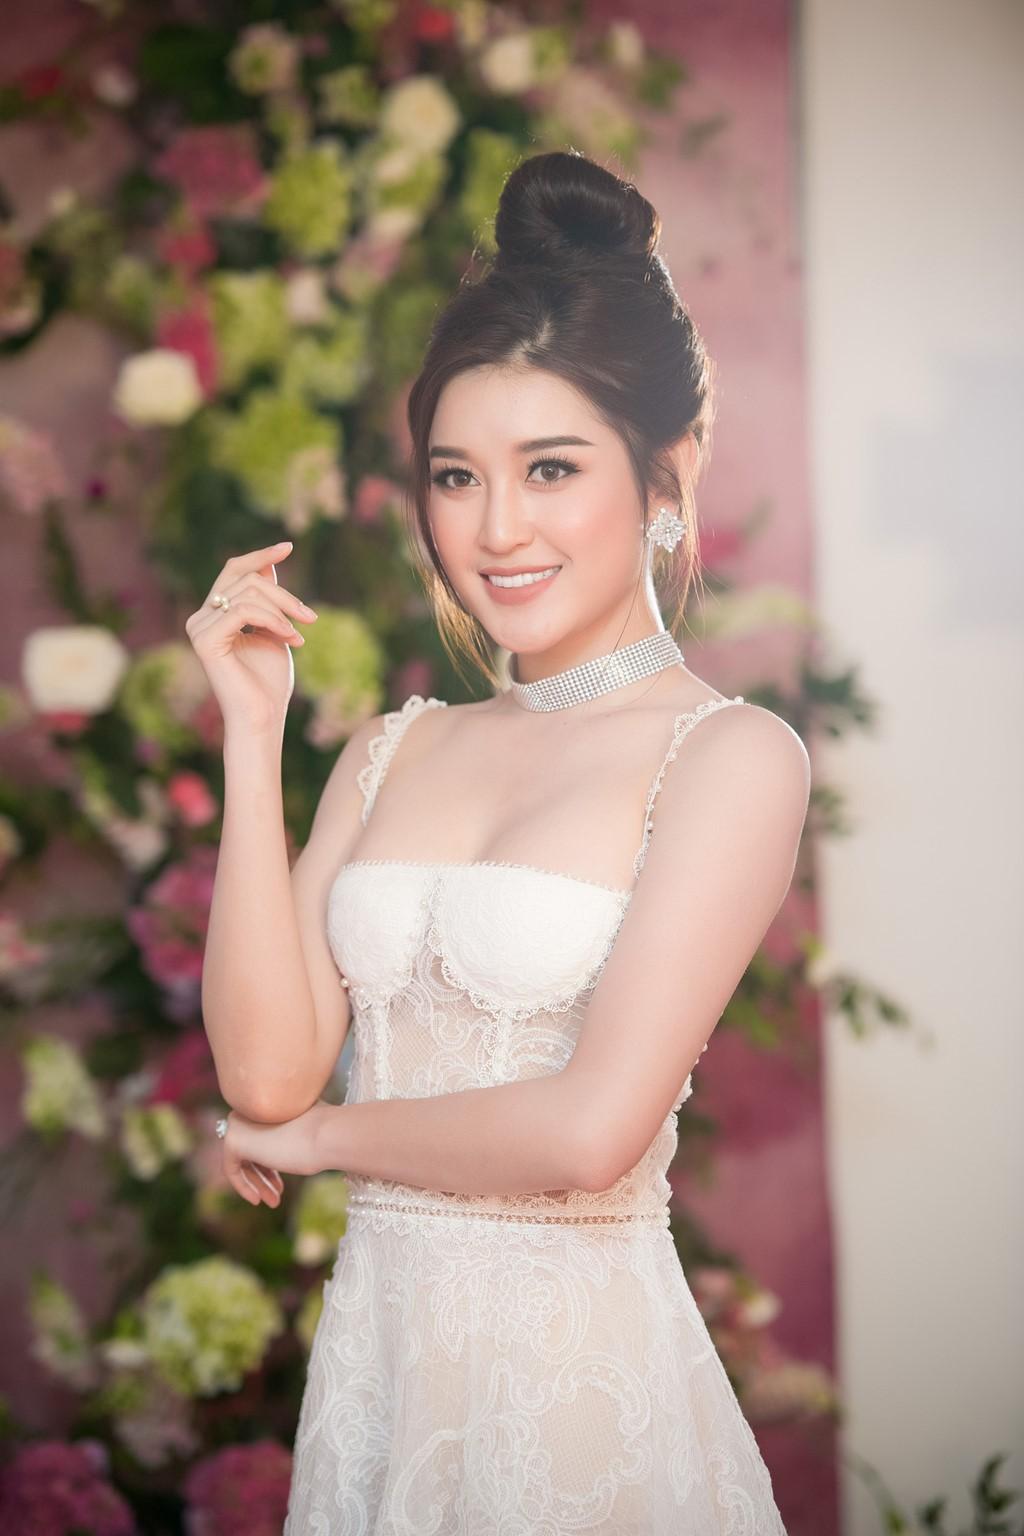 Dàn Hoa hậu, Á hậu gửi lời chúc và đặt cược vào chiến thắng của Hương Giang tại Hoa hậu Chuyển giới Quốc tế - Ảnh 3.